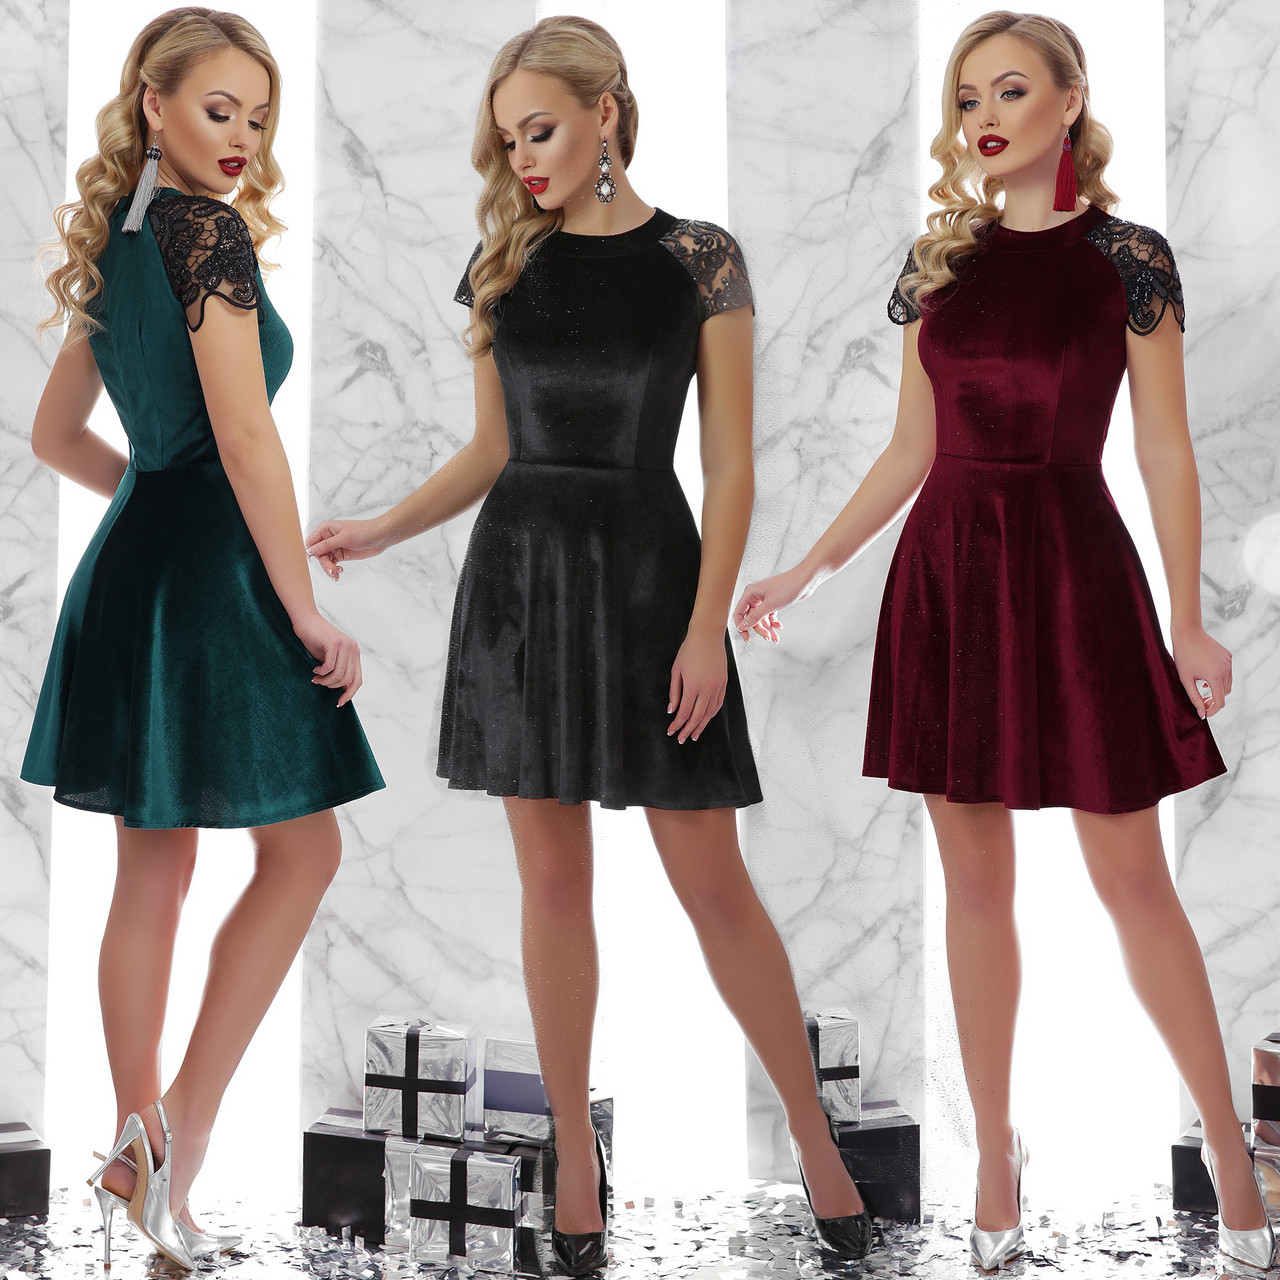 3046197a6af Нарядное короткое платье с пышной юбкой из велюра и кружева с пайетками -  Интернет-магазин